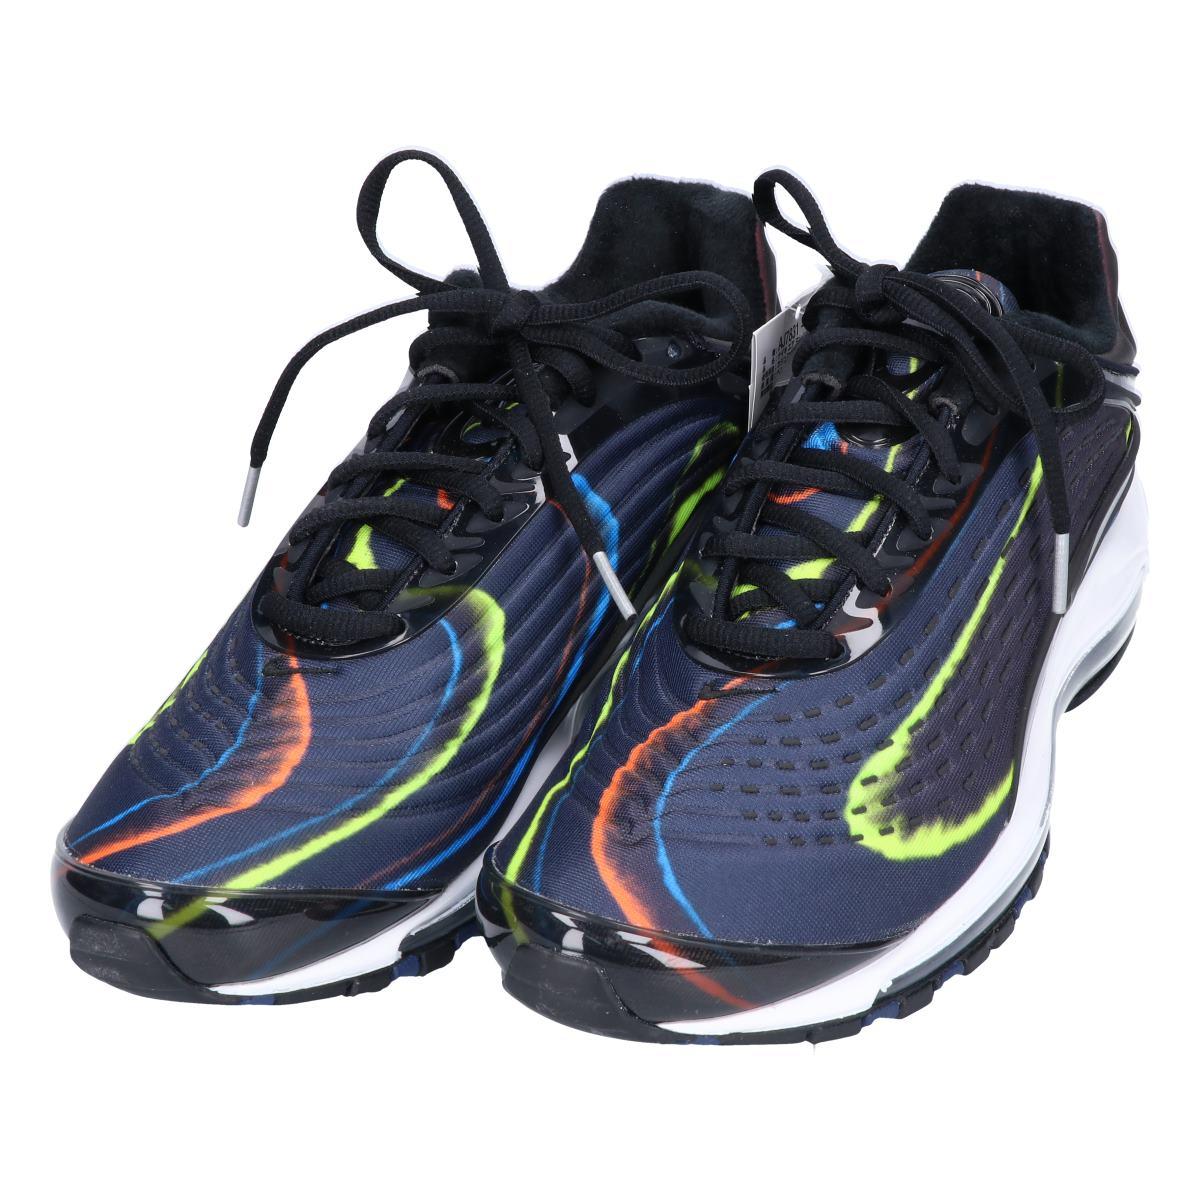 NIKE Nike AJ7831 001 AIR MAX DELUXE Air Max deluxe sneakers 27 BlackBlack Midnight Navy men